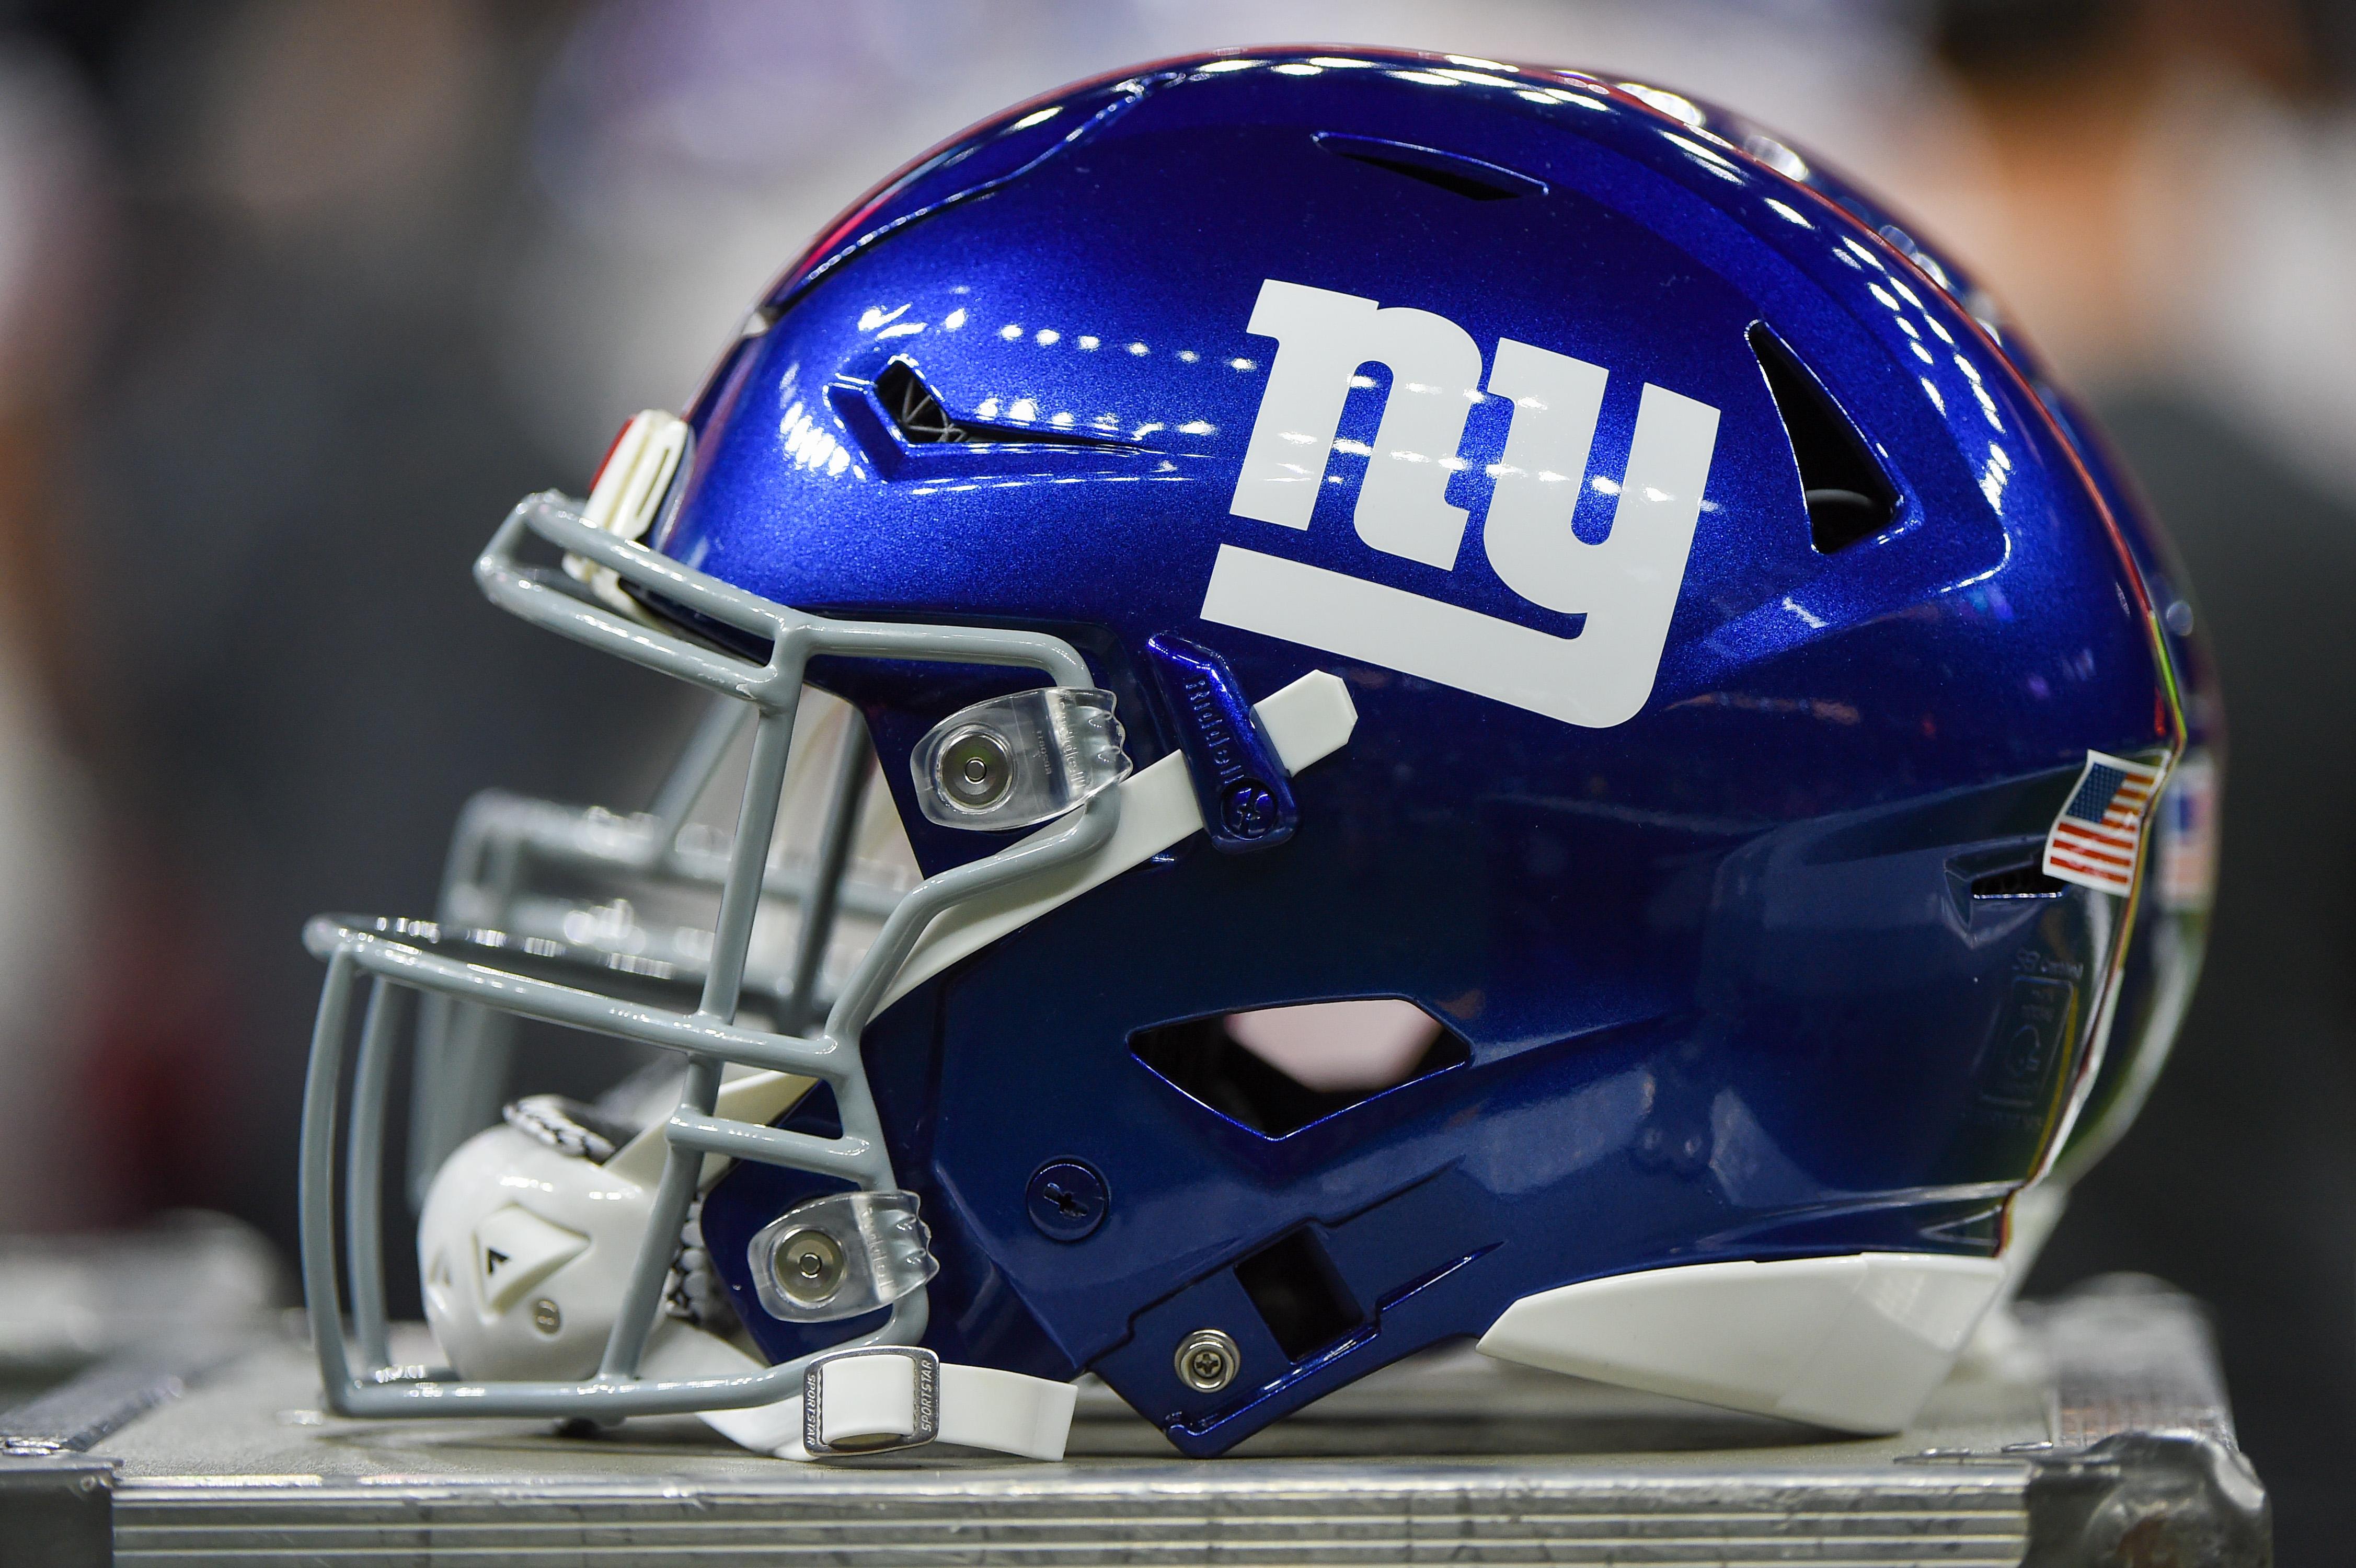 NFL: OCT 03 Giants at Saints